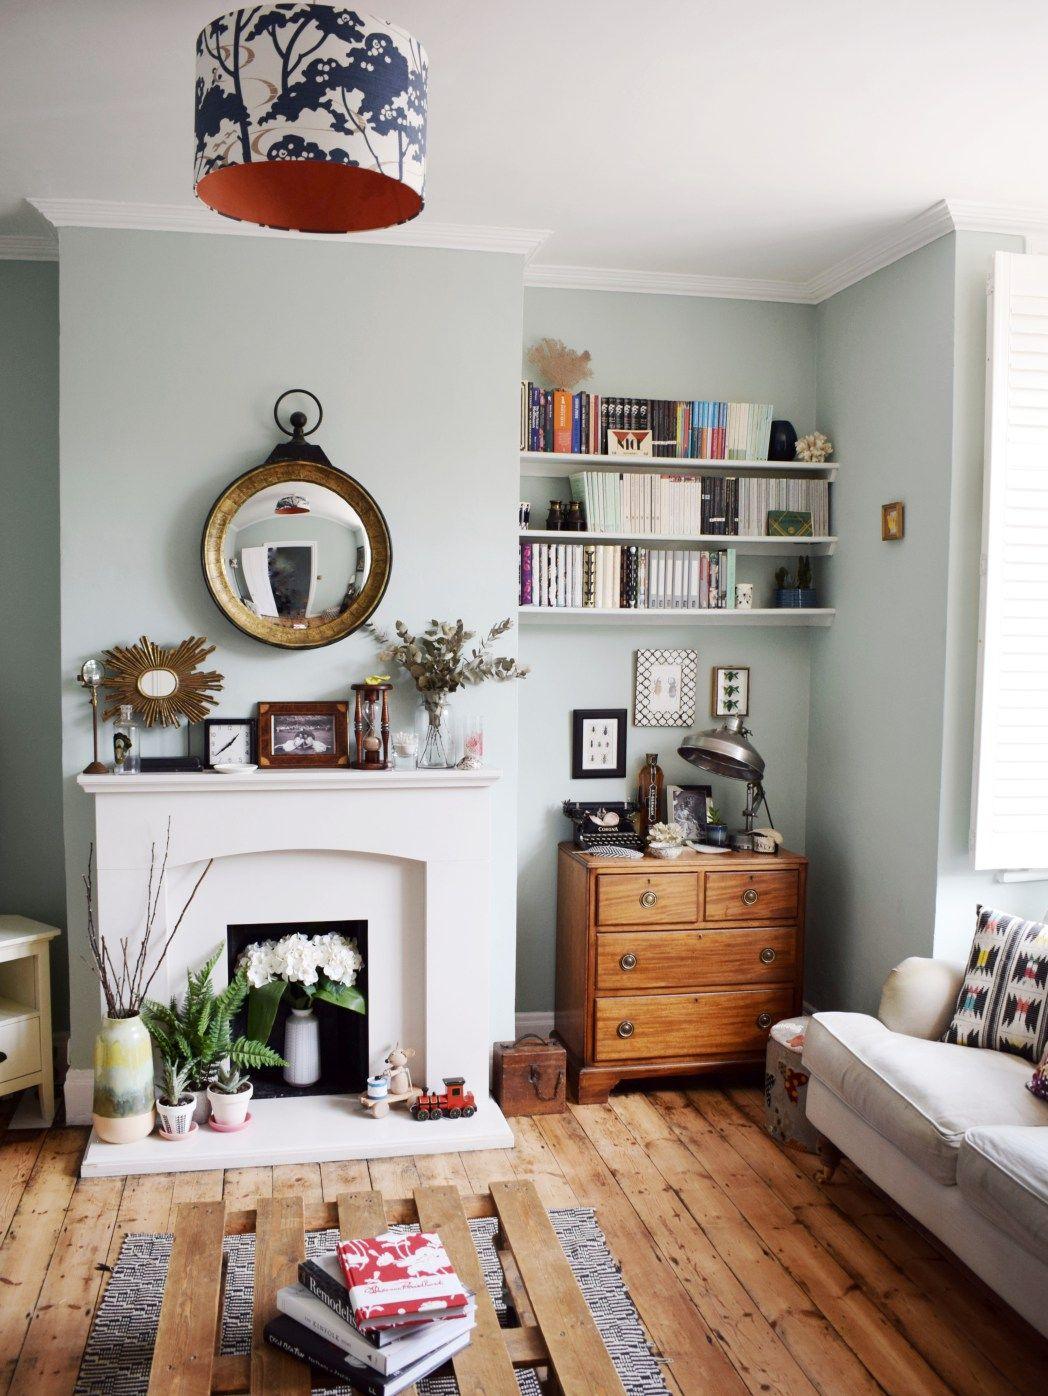 Modern bohemian home decor  eclectic modern bohemian vintage interior decor farrow ball teresaus